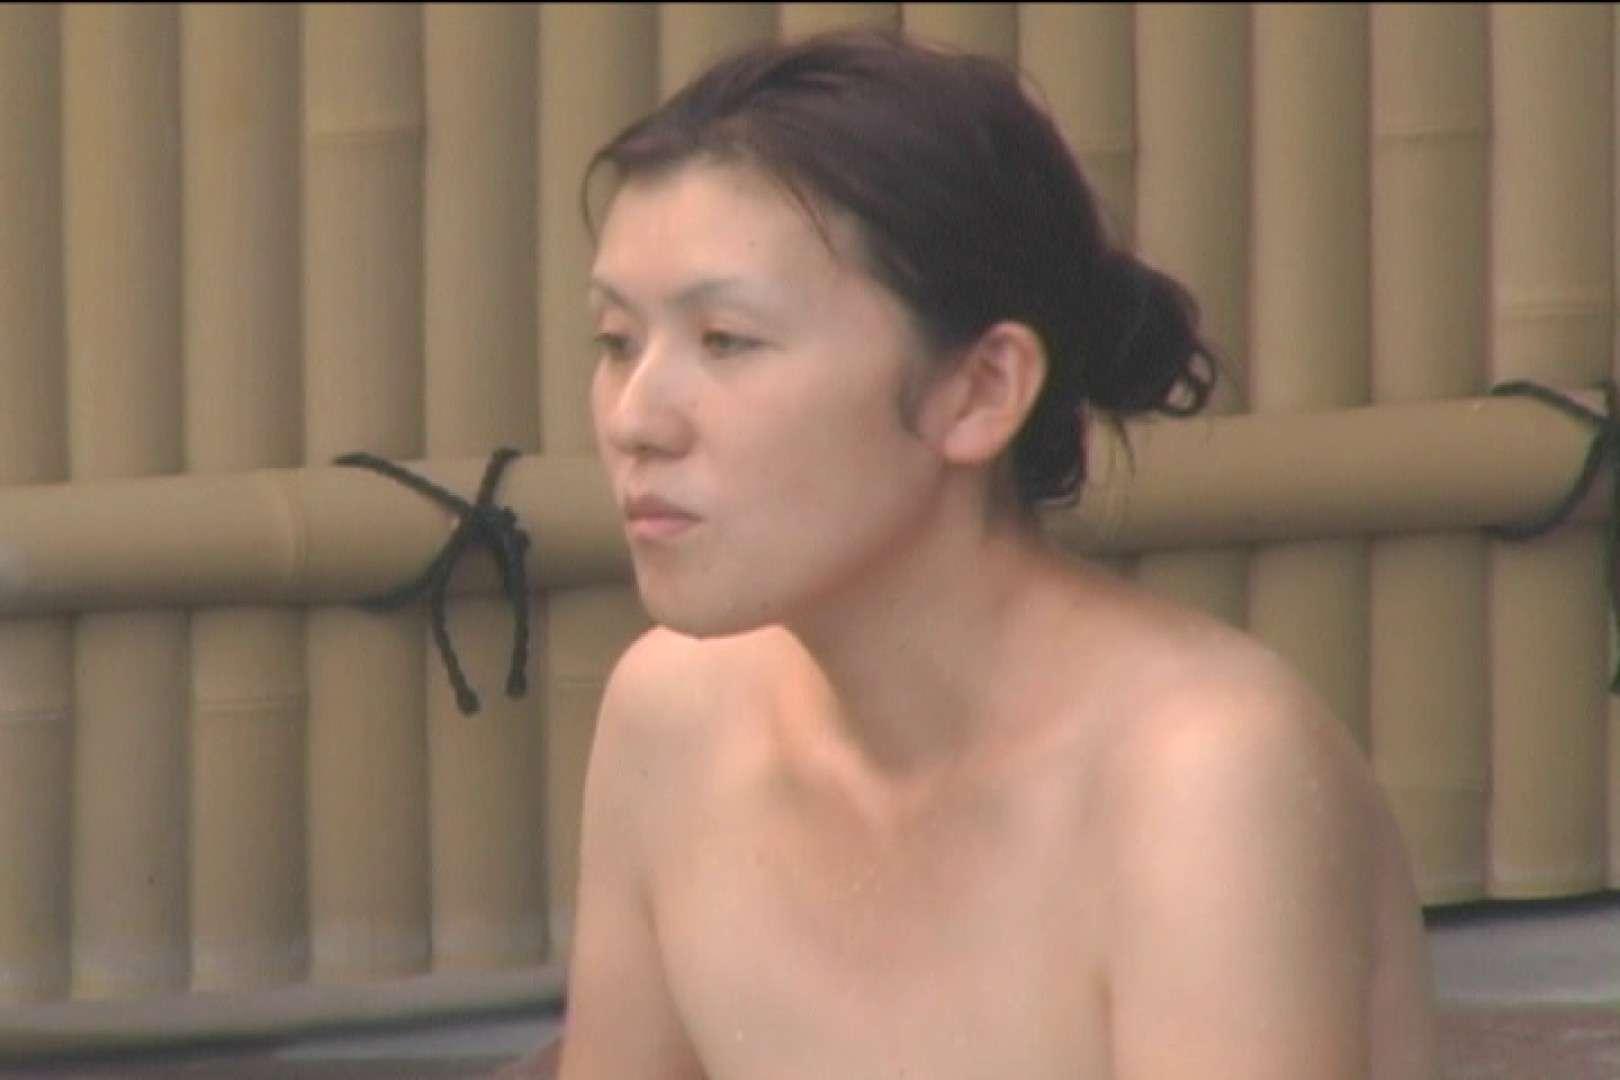 Aquaな露天風呂Vol.532 盗撮  105画像 30